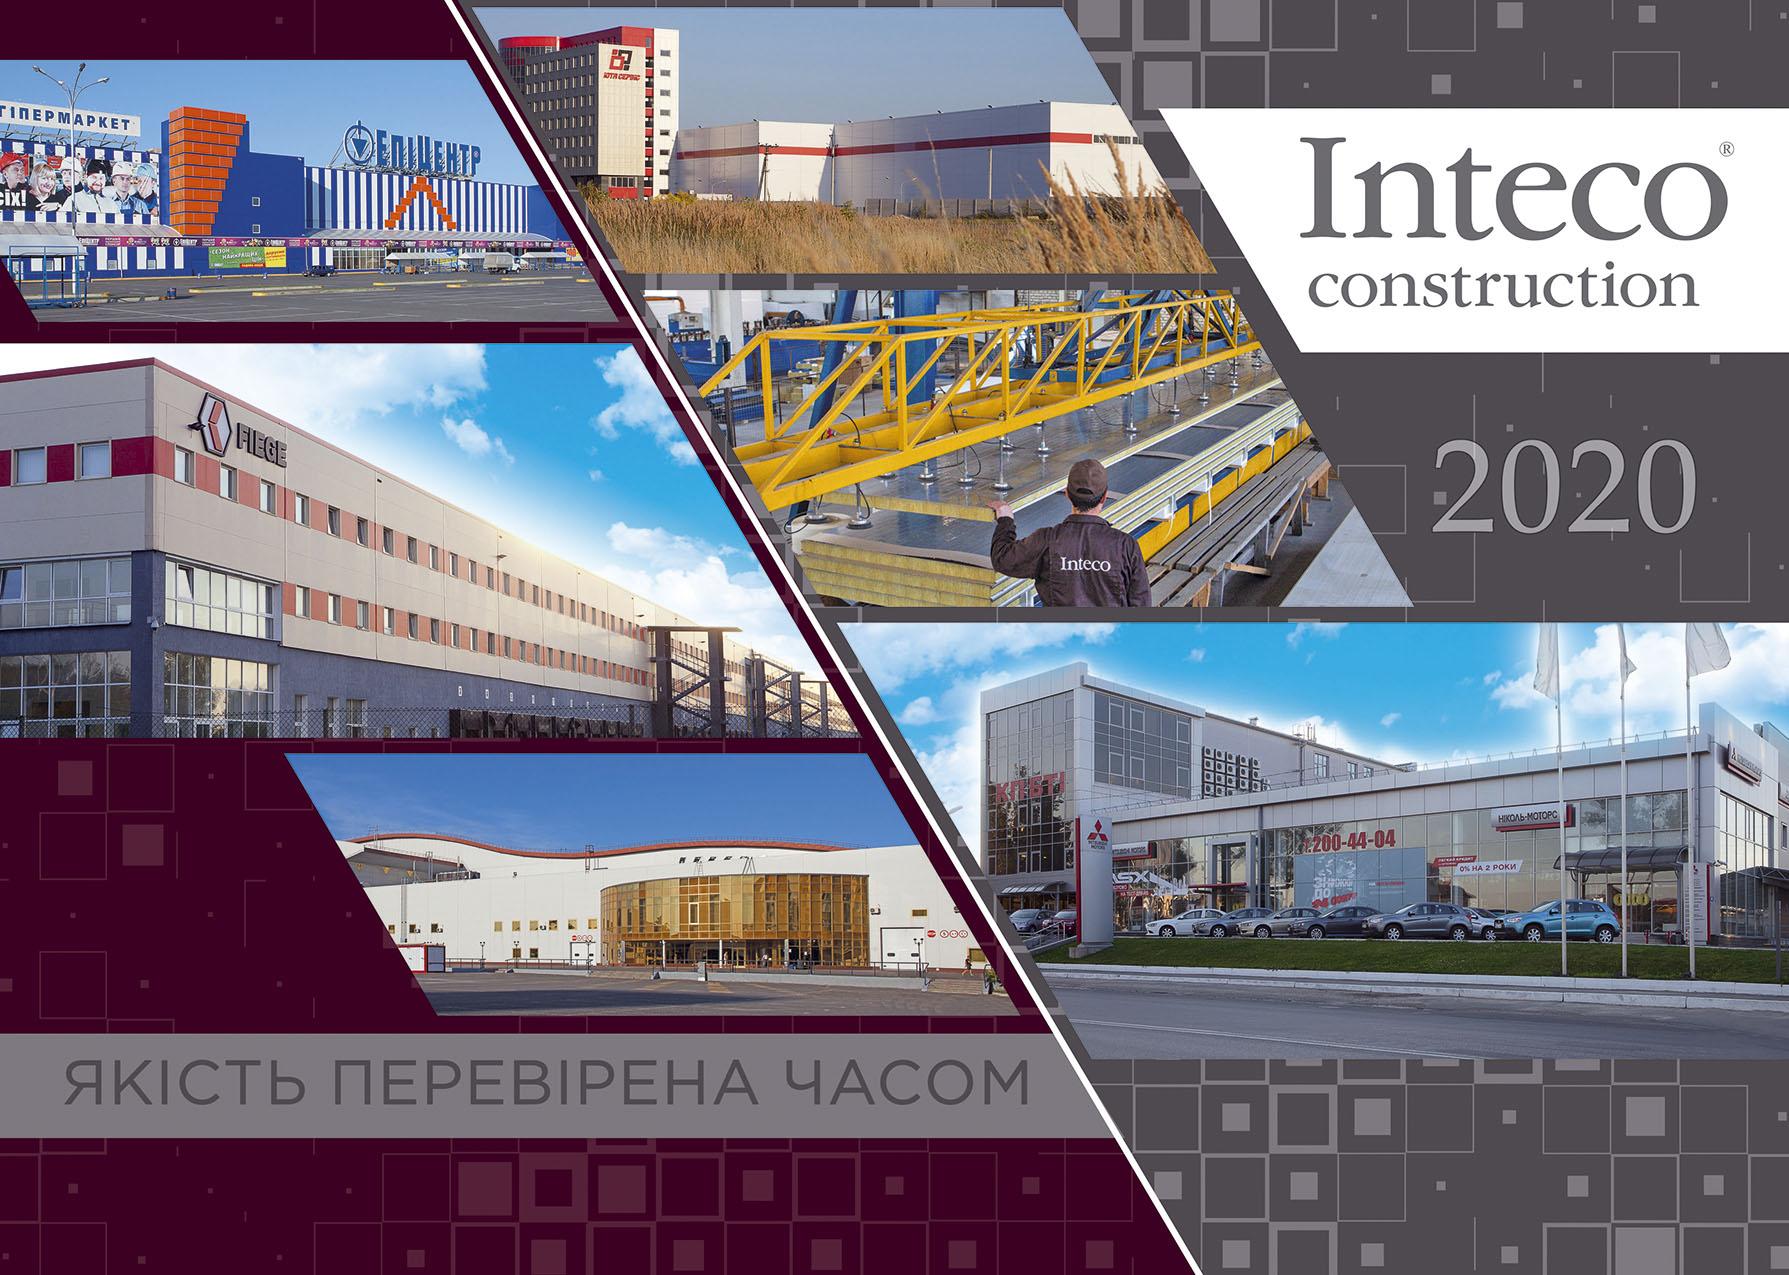 Дизайн квартального календаря завода Inteco вариант №9 www.makety.top